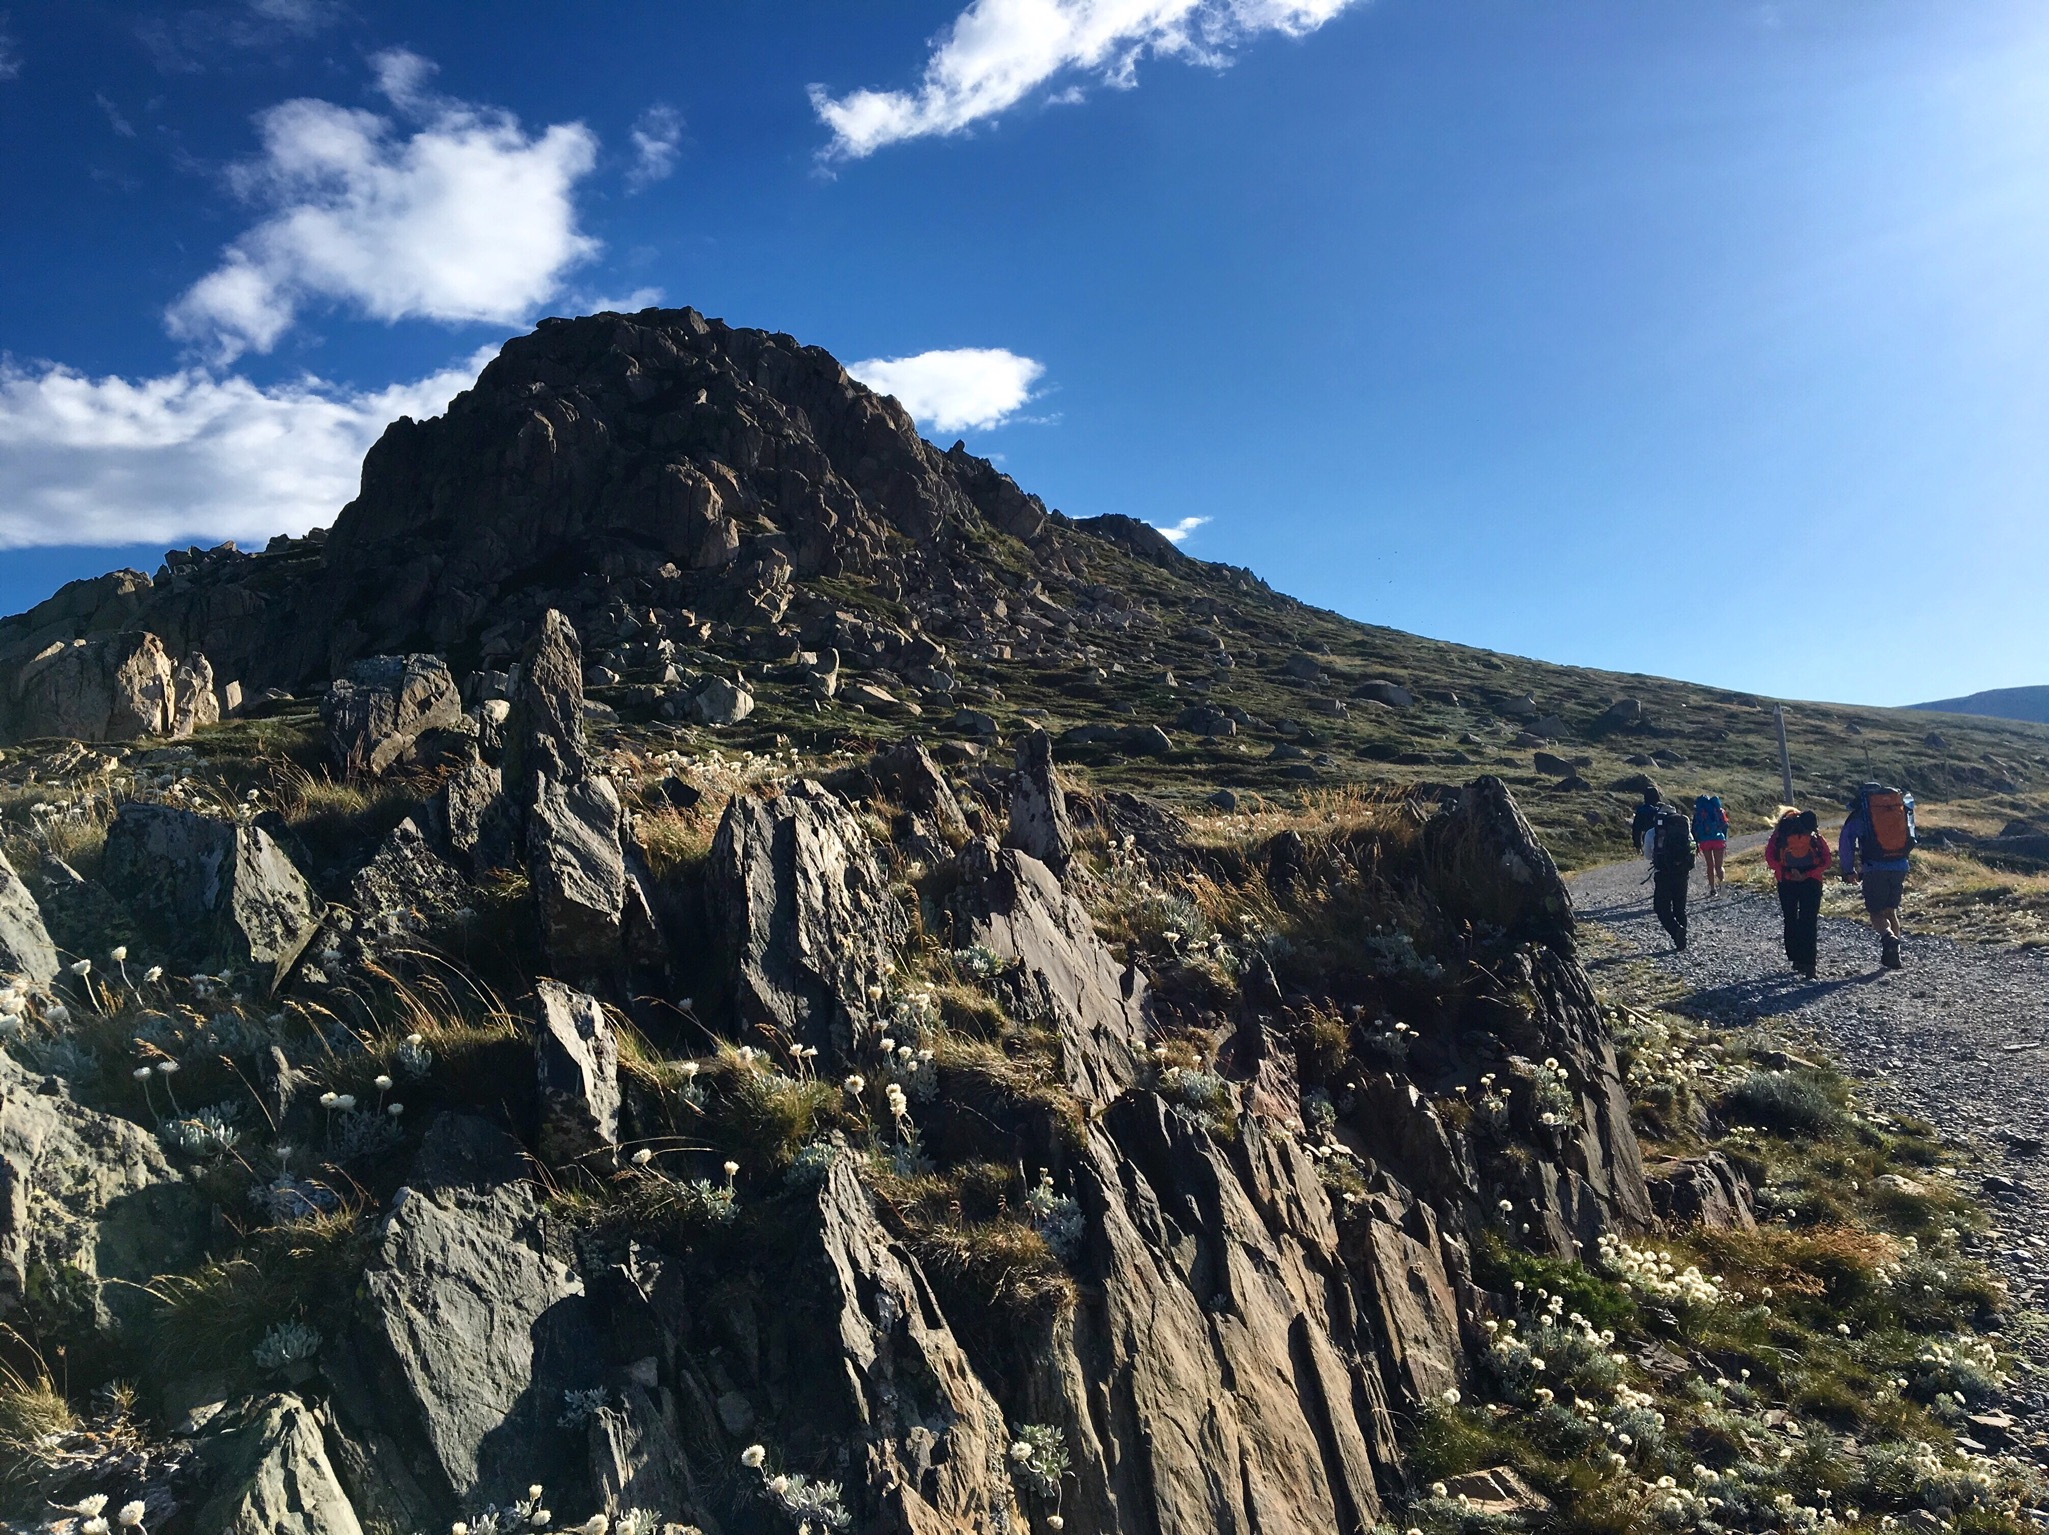 Mt Kosciuszko Hike